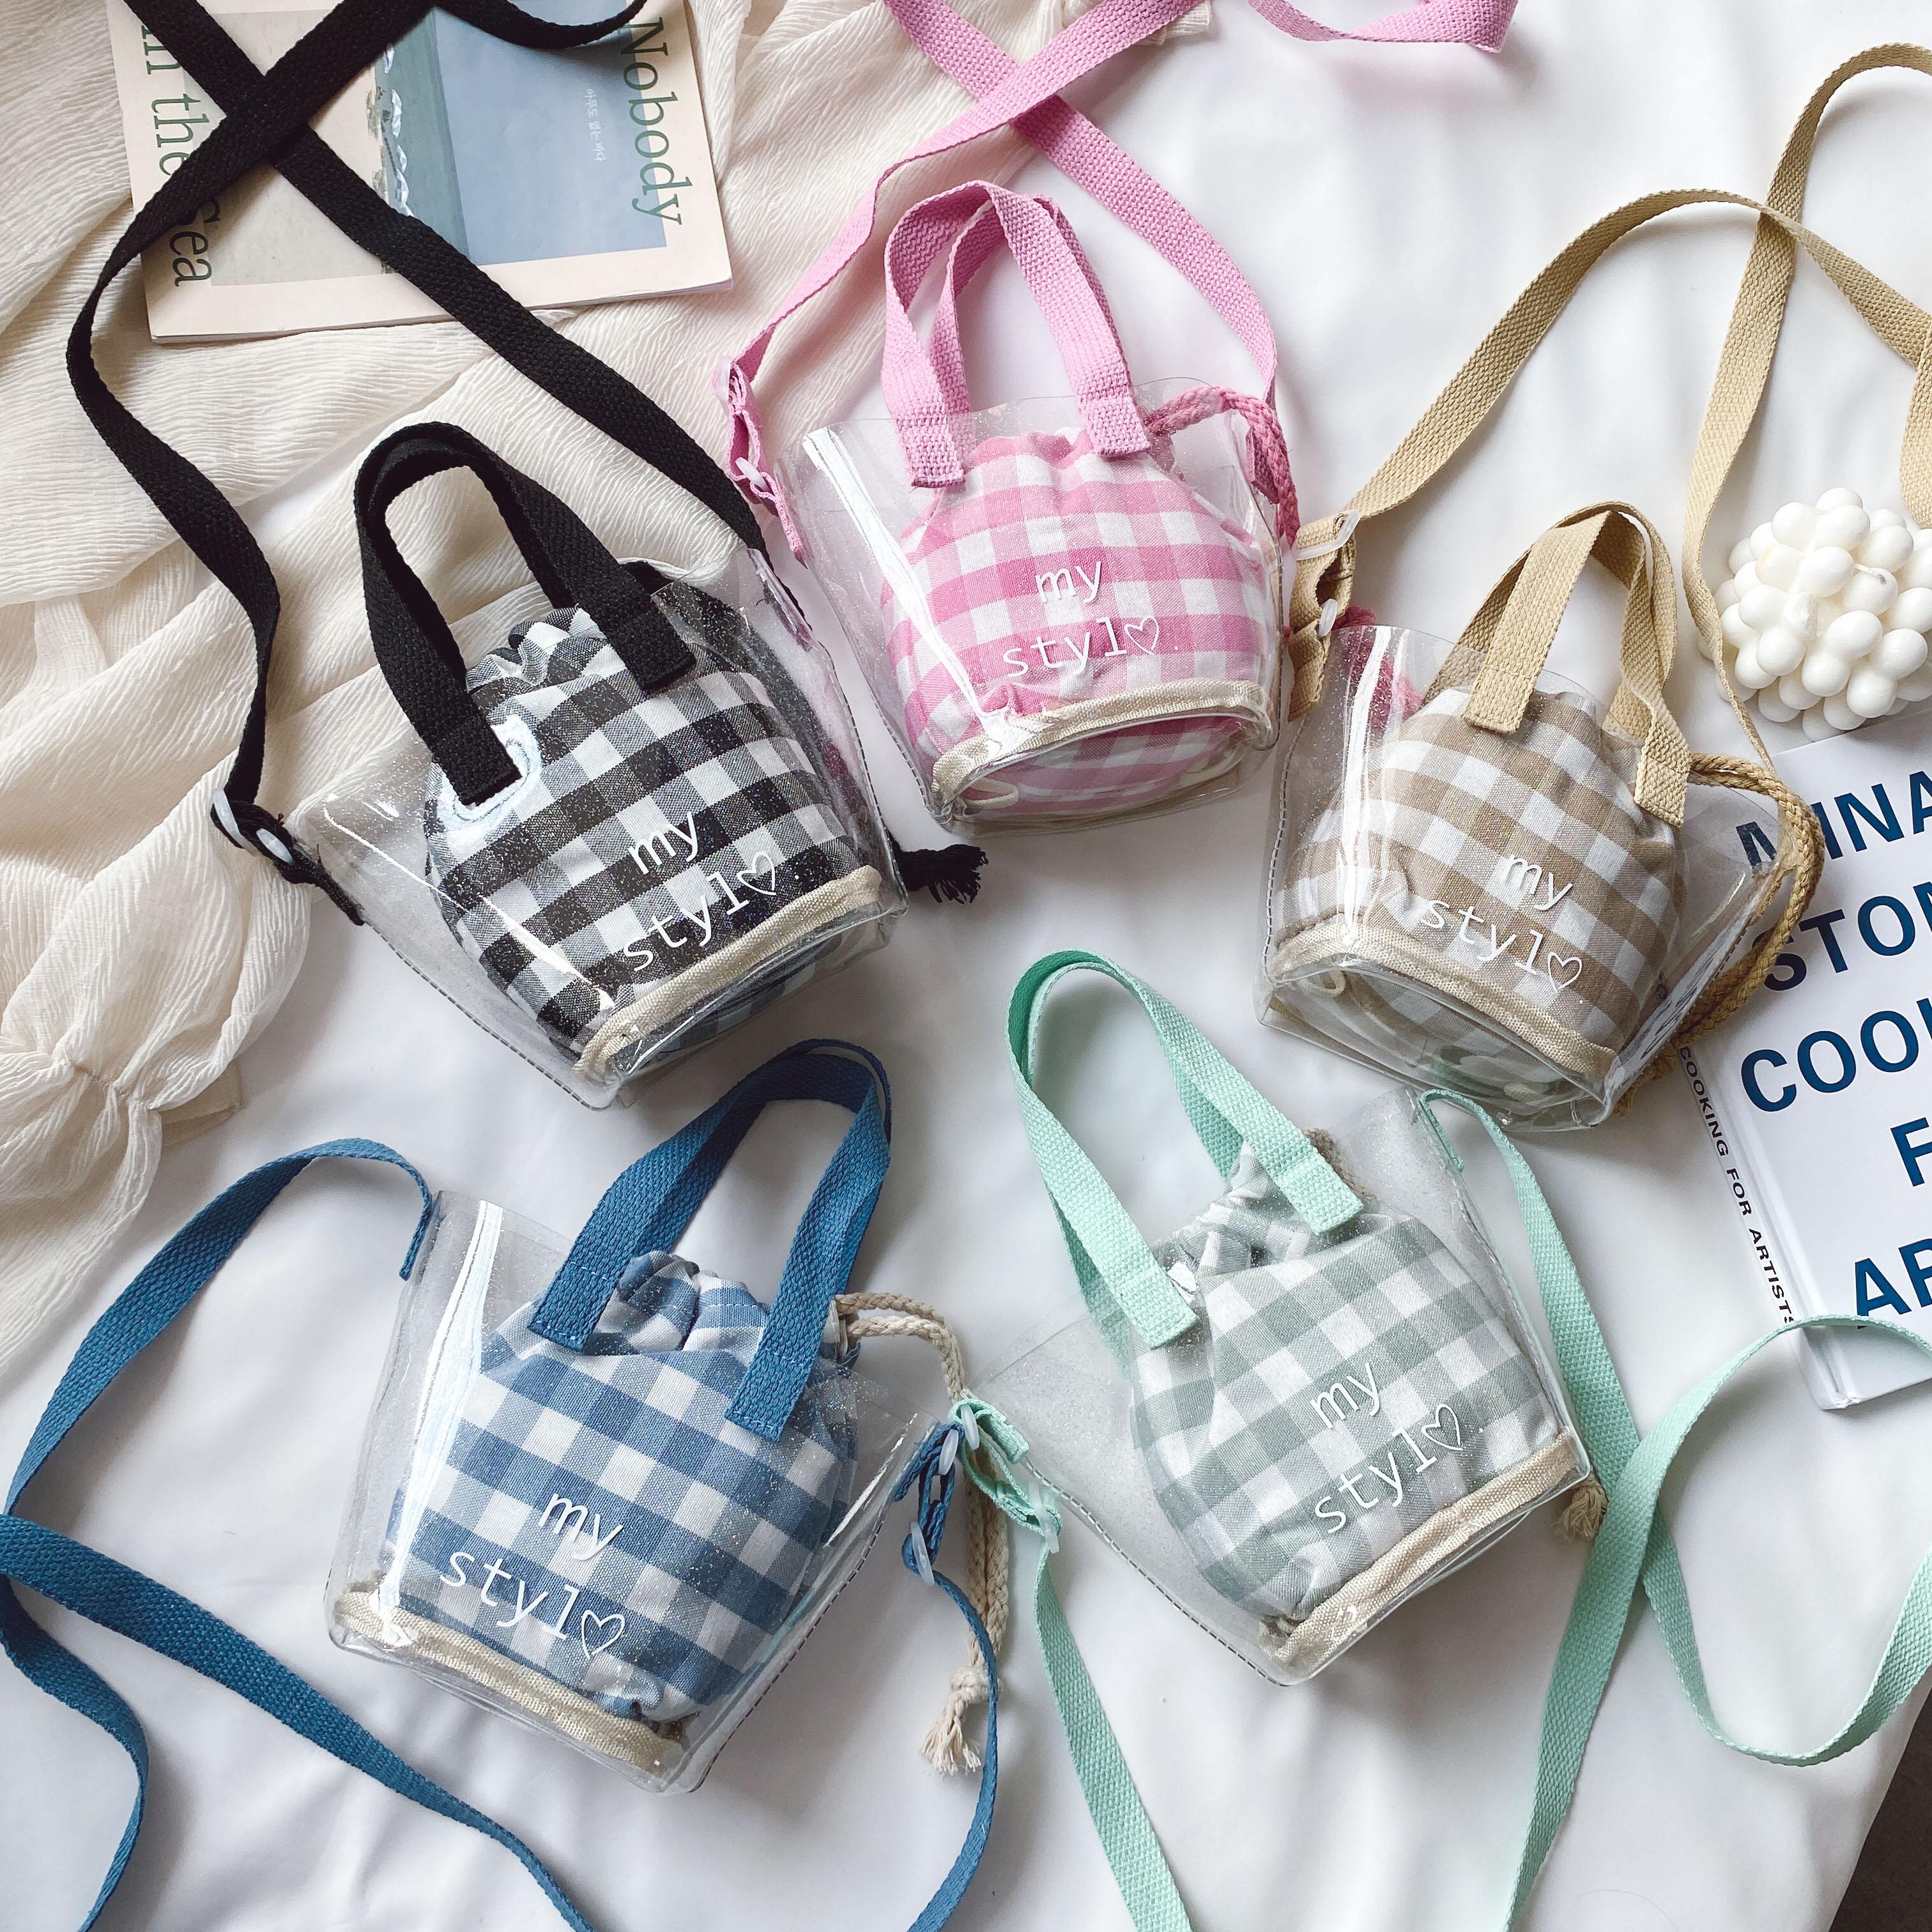 果冻迷你包 夏天儿童包包女2020新款百搭格子塑料透明果冻沙滩包迷你零钱包包_推荐淘宝好看的女果冻迷你包